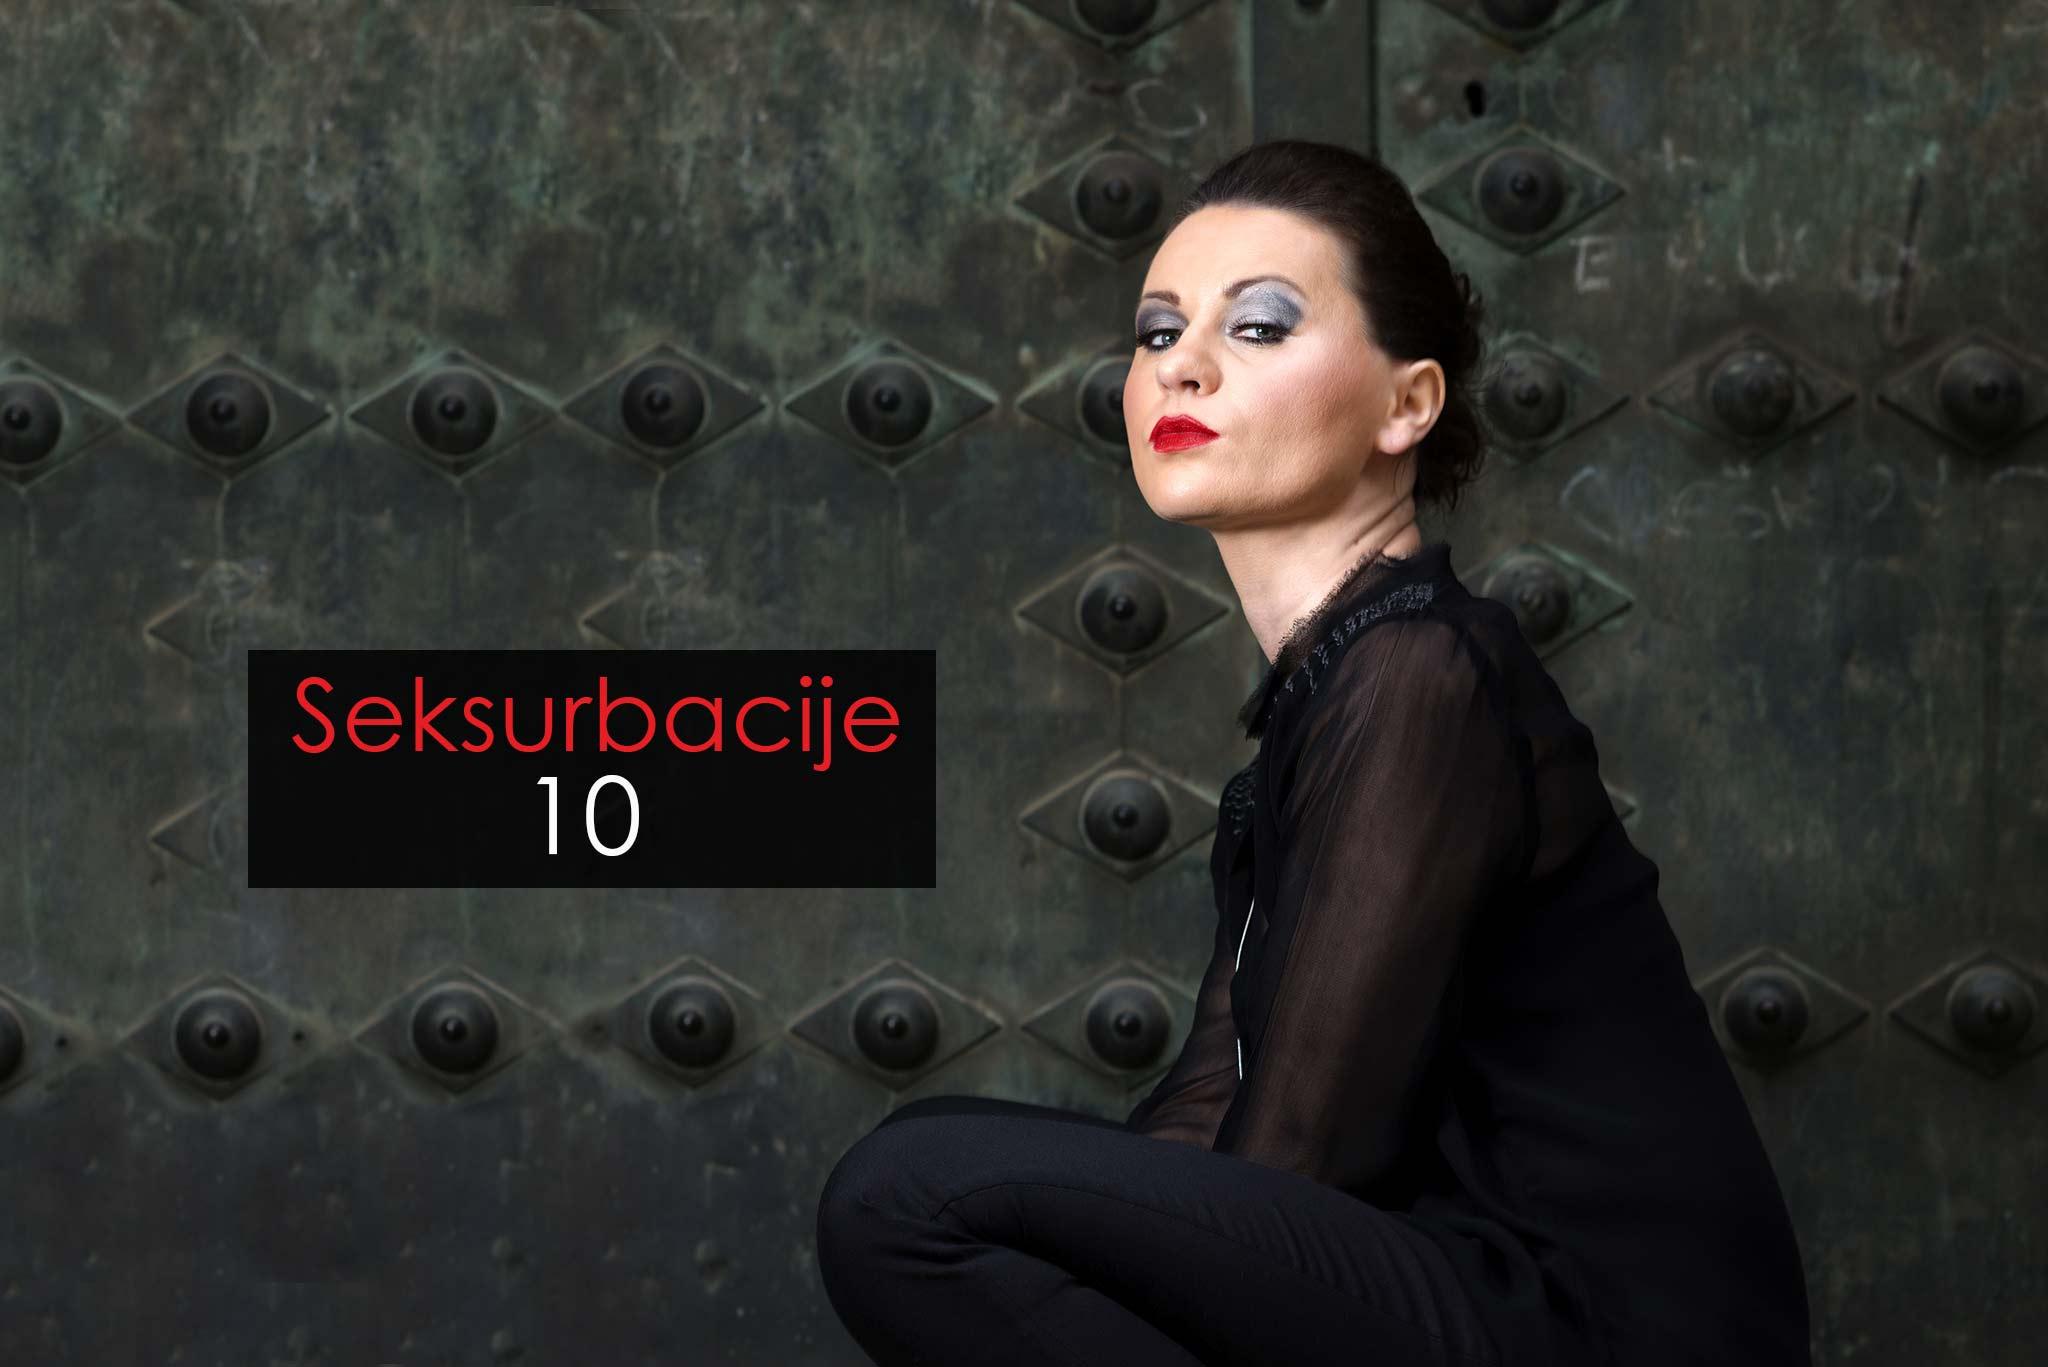 Seksurbacije_10_naslovnica_Marina_Krleza